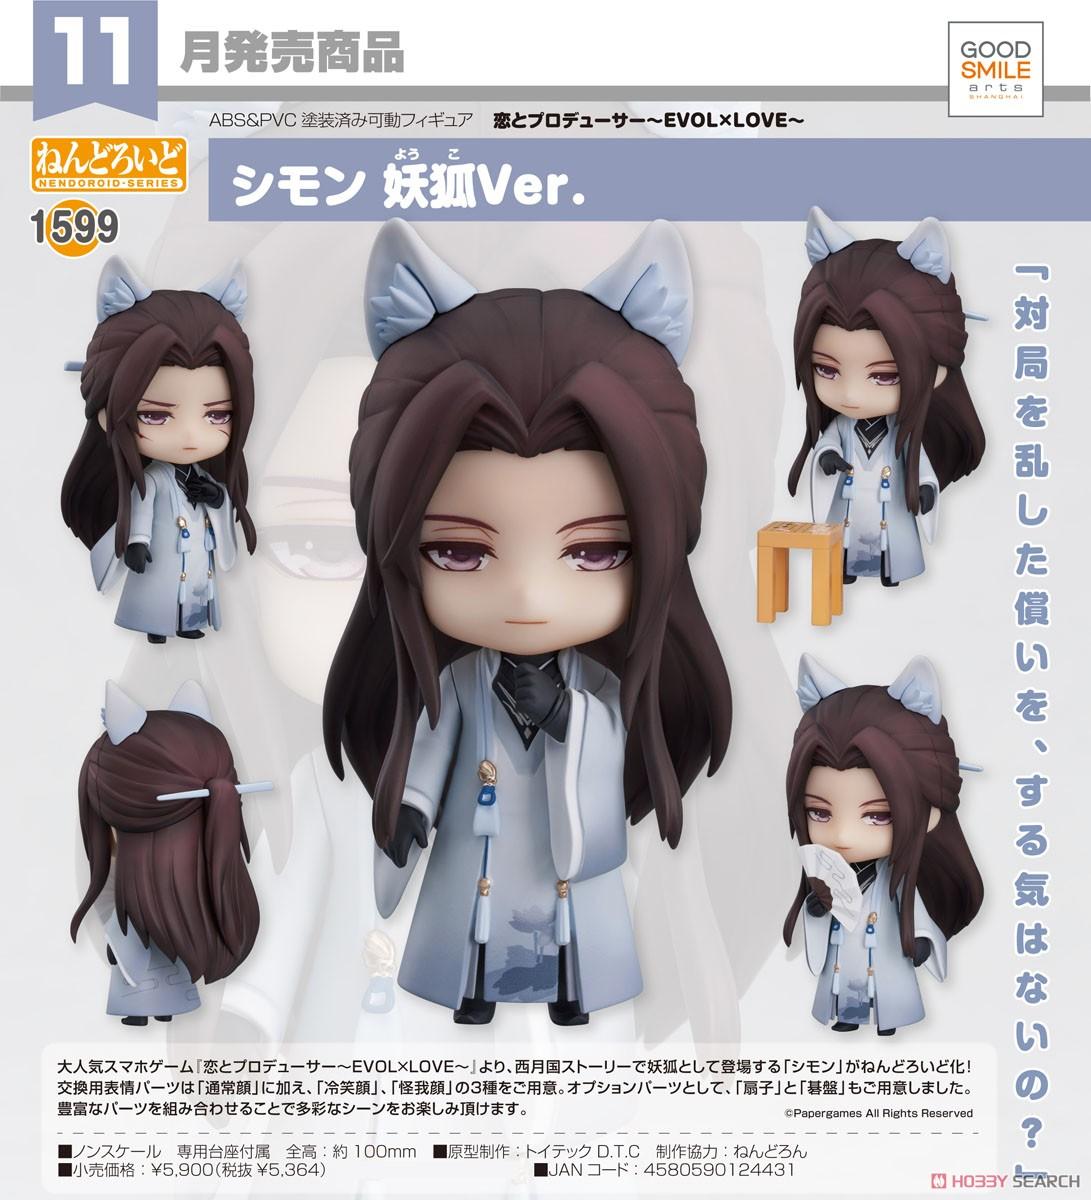 ねんどろいど『シモン 妖狐Ver.』恋とプロデューサー~EVOL×LOVE~ デフォルメ可動フィギュア-006